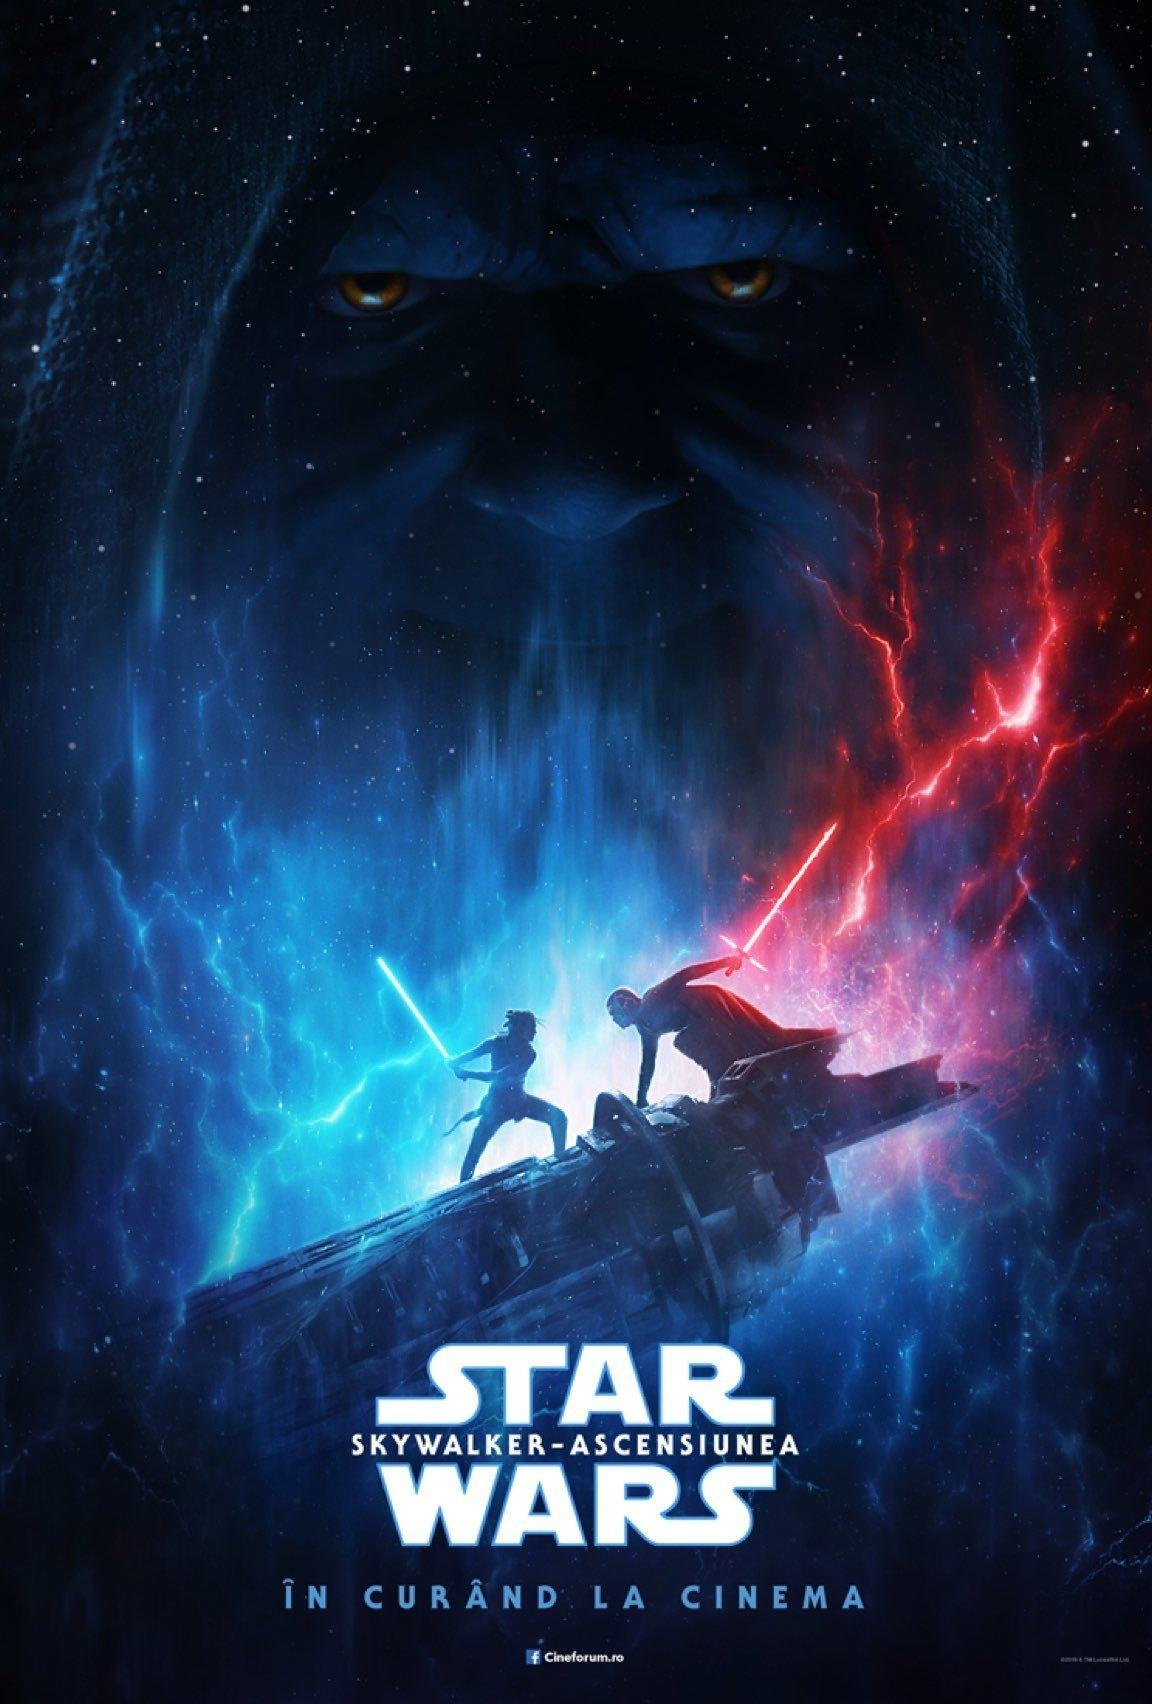 Afiș care îi prezintă pe Rey și Kylo Ren luptându-se cu sabiile laser și în fundal cu chipul împăratului Palpatine